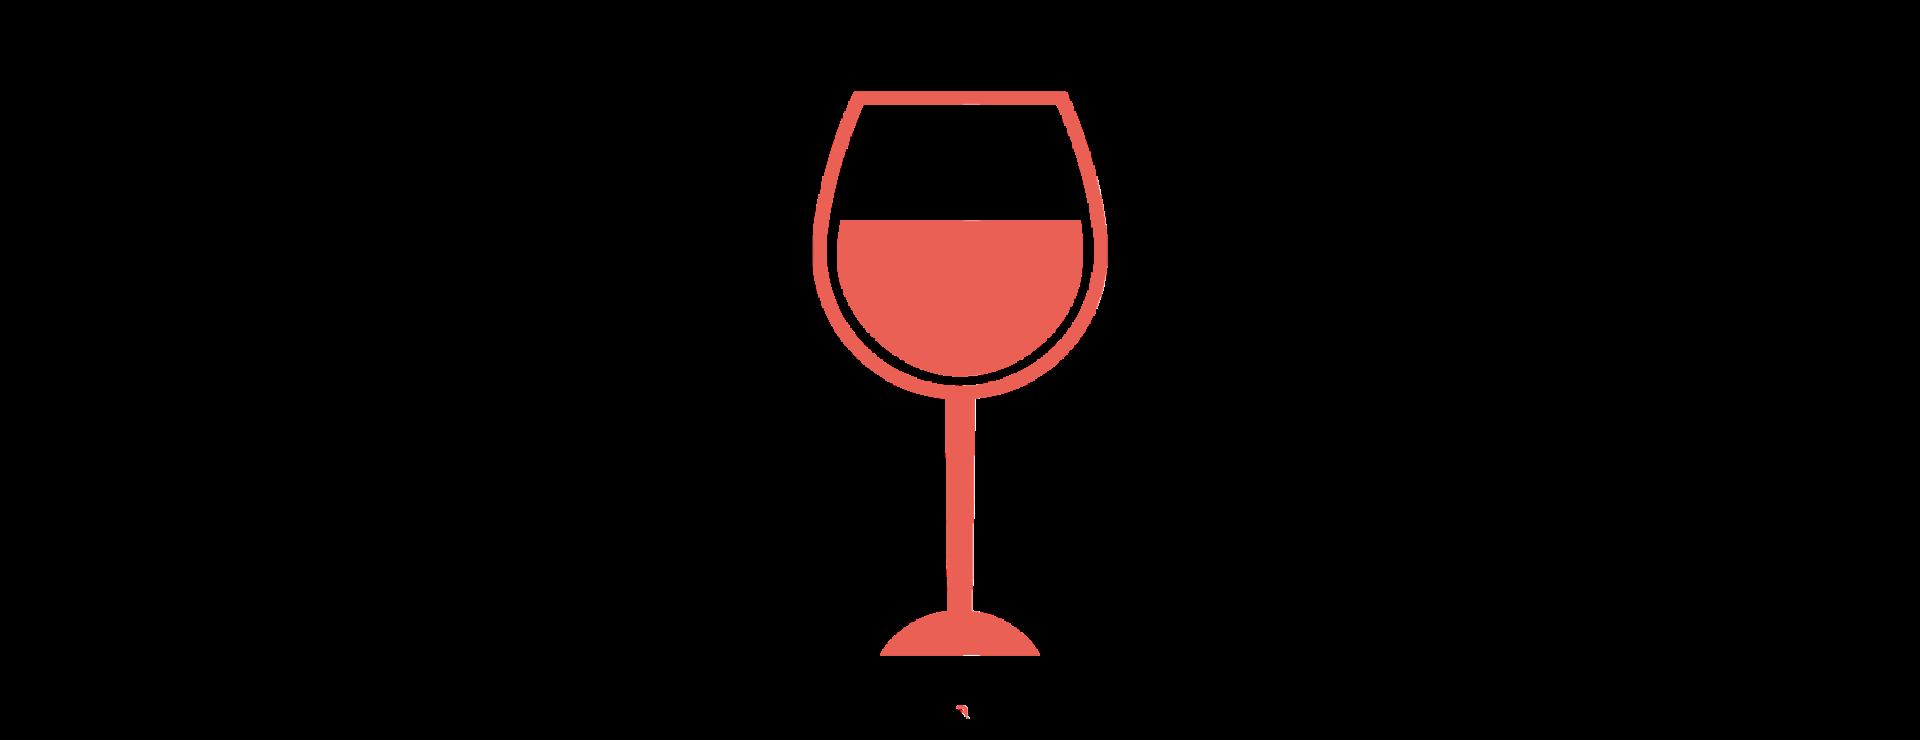 picto verre de vin